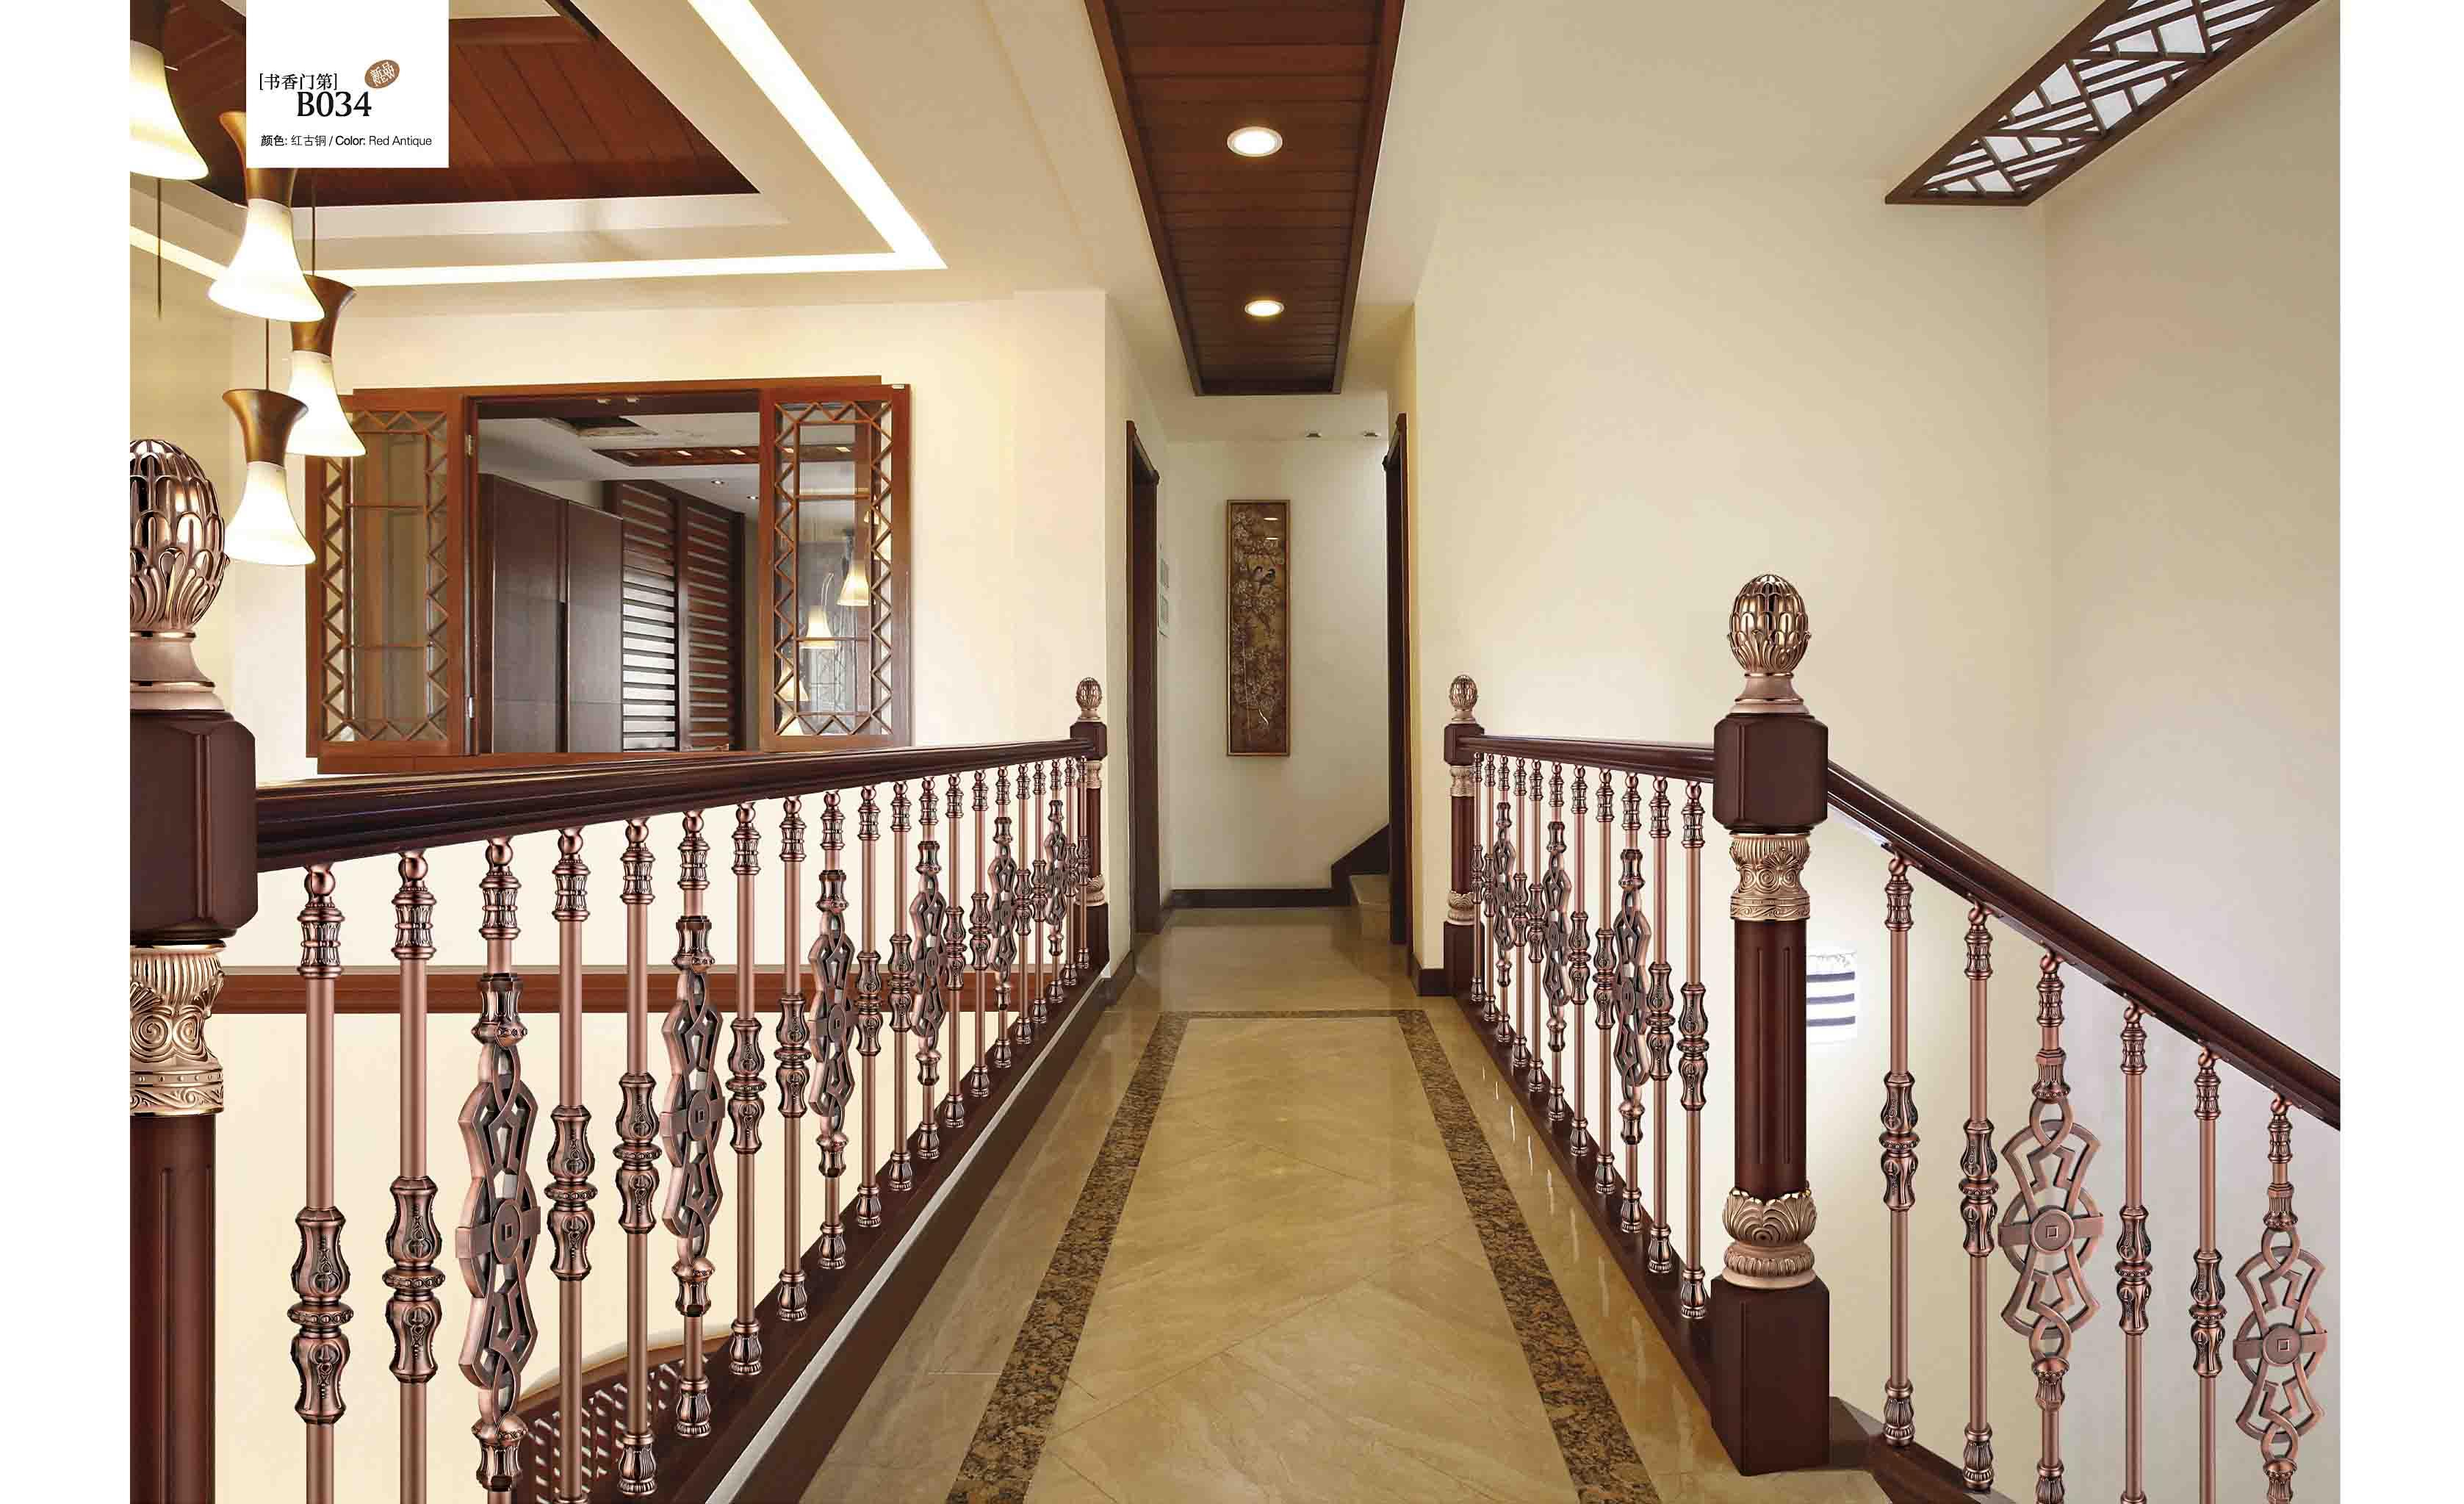 銅扶手|銅護欄|銅藝樓梯|別墅樓梯護欄|b034書香門第